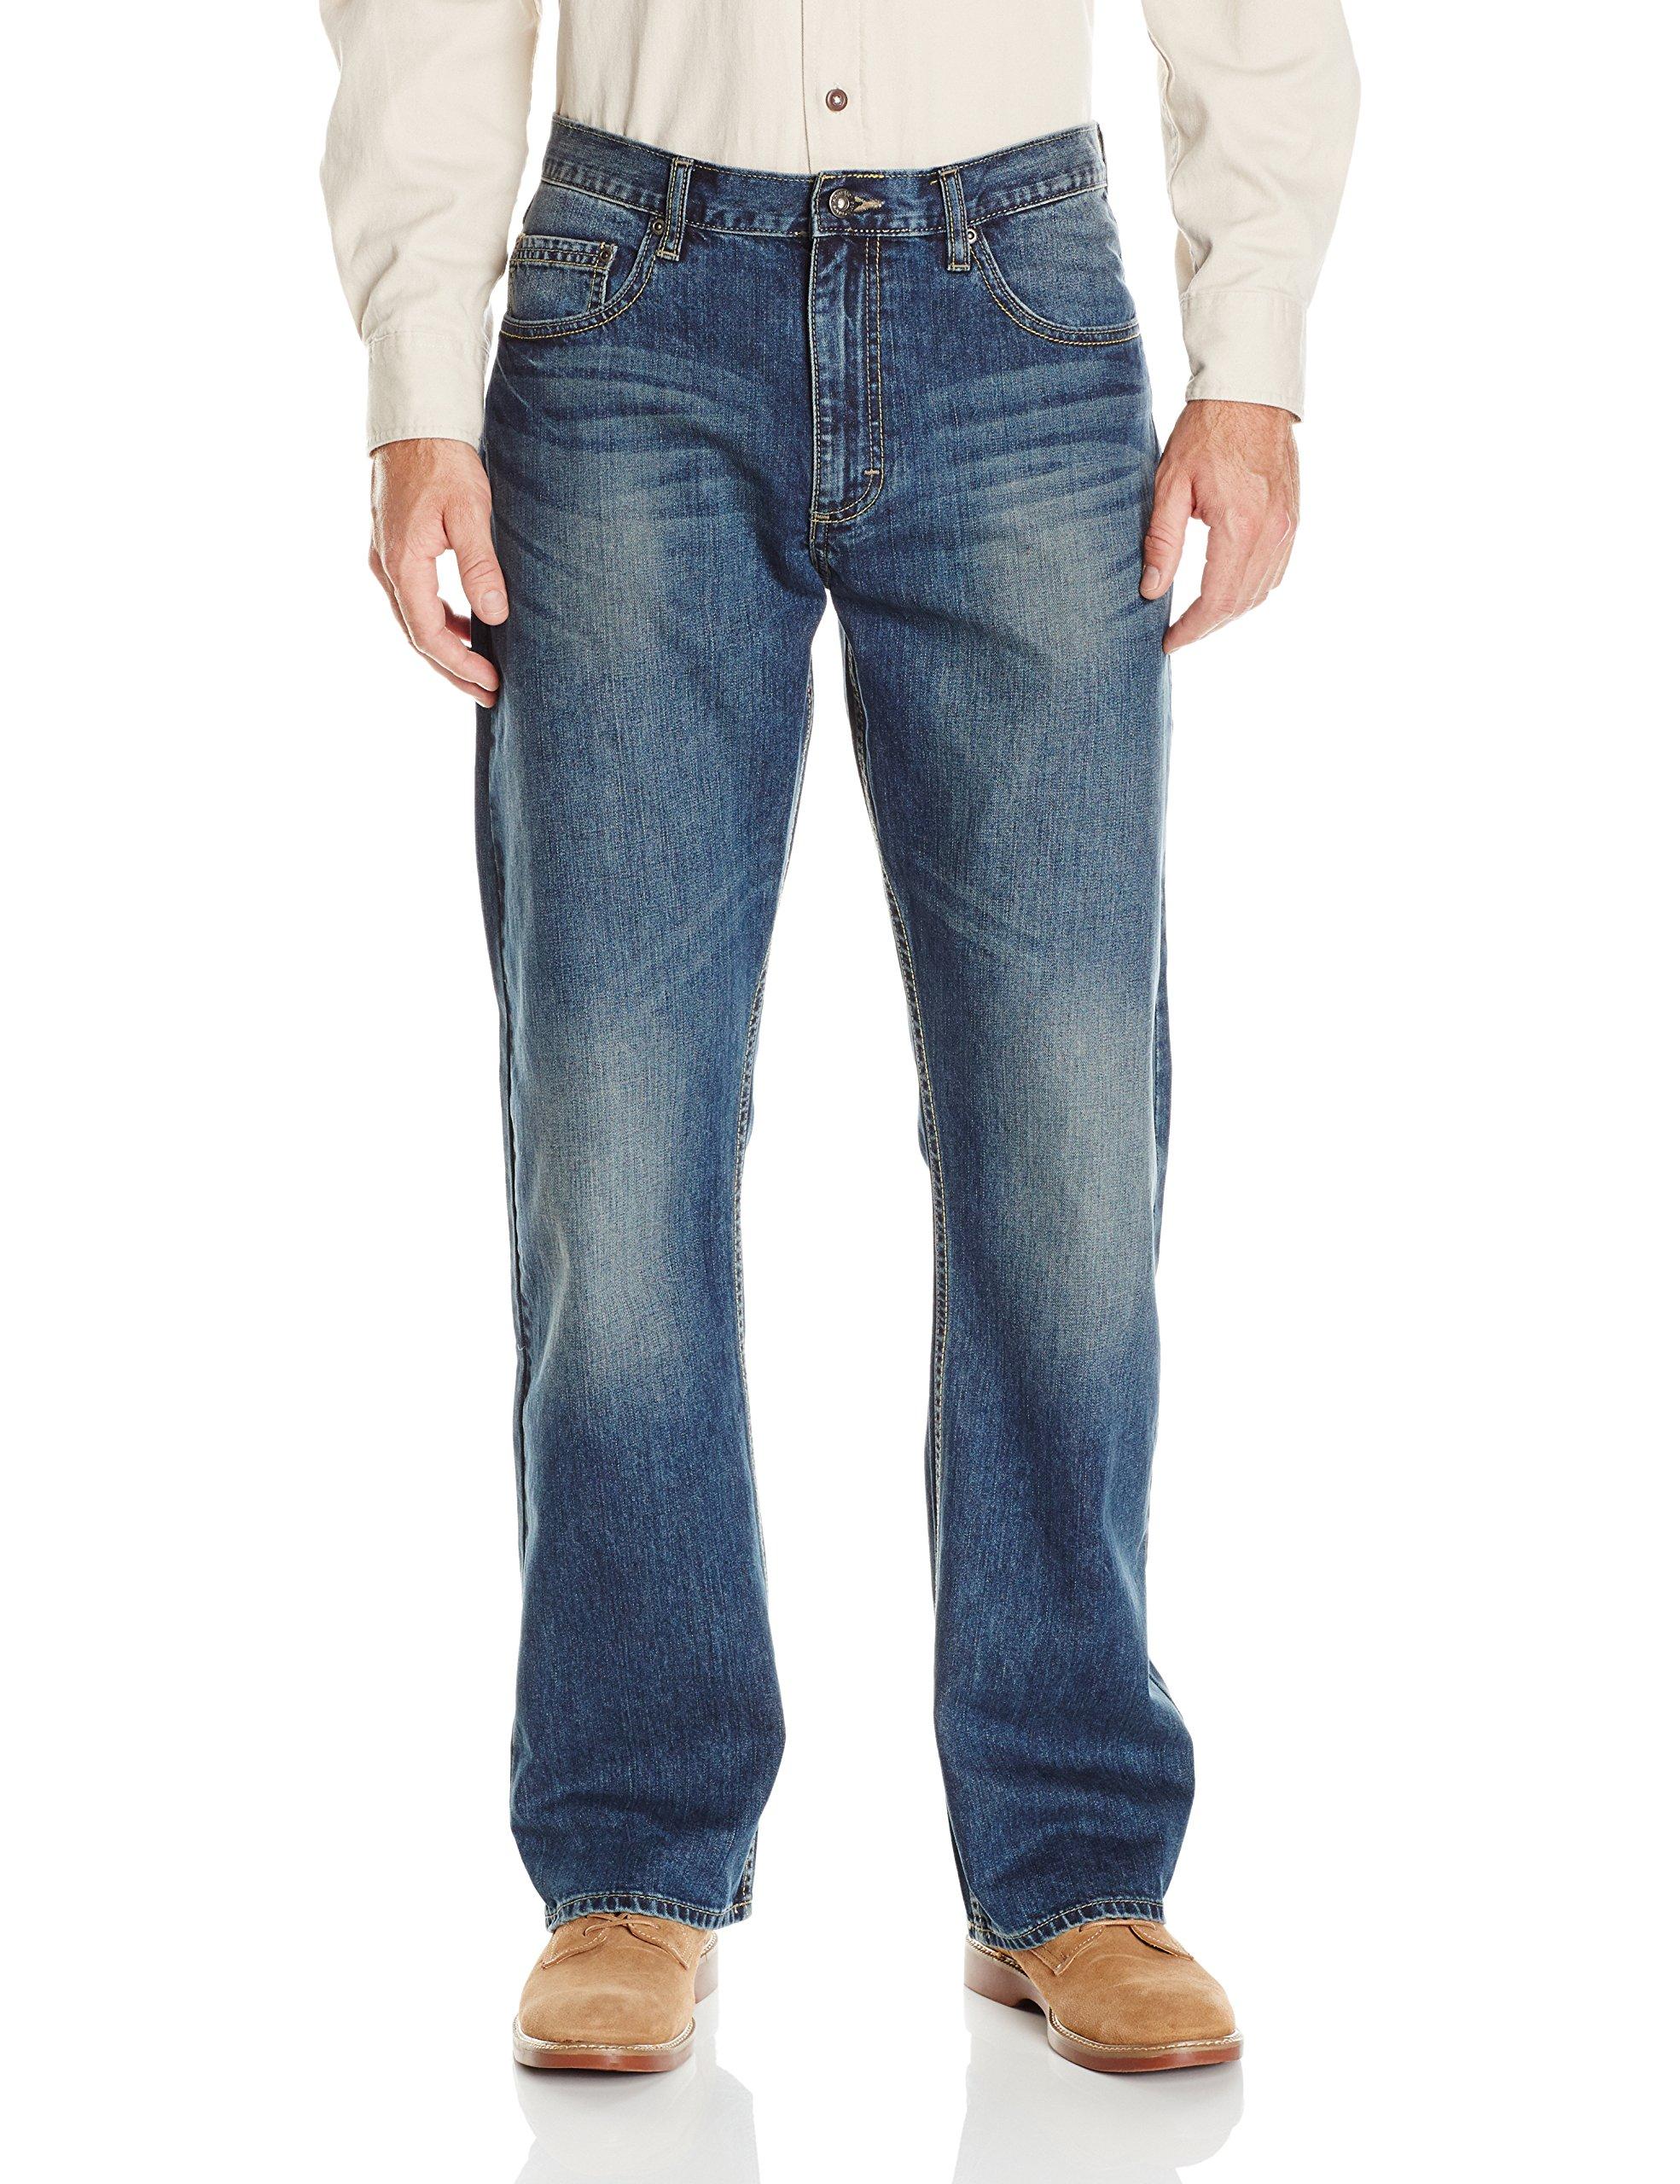 Wrangler Authentics Men's Premium Relaxed Fit Boot Cut Jean, Medium Indigo, 34x34